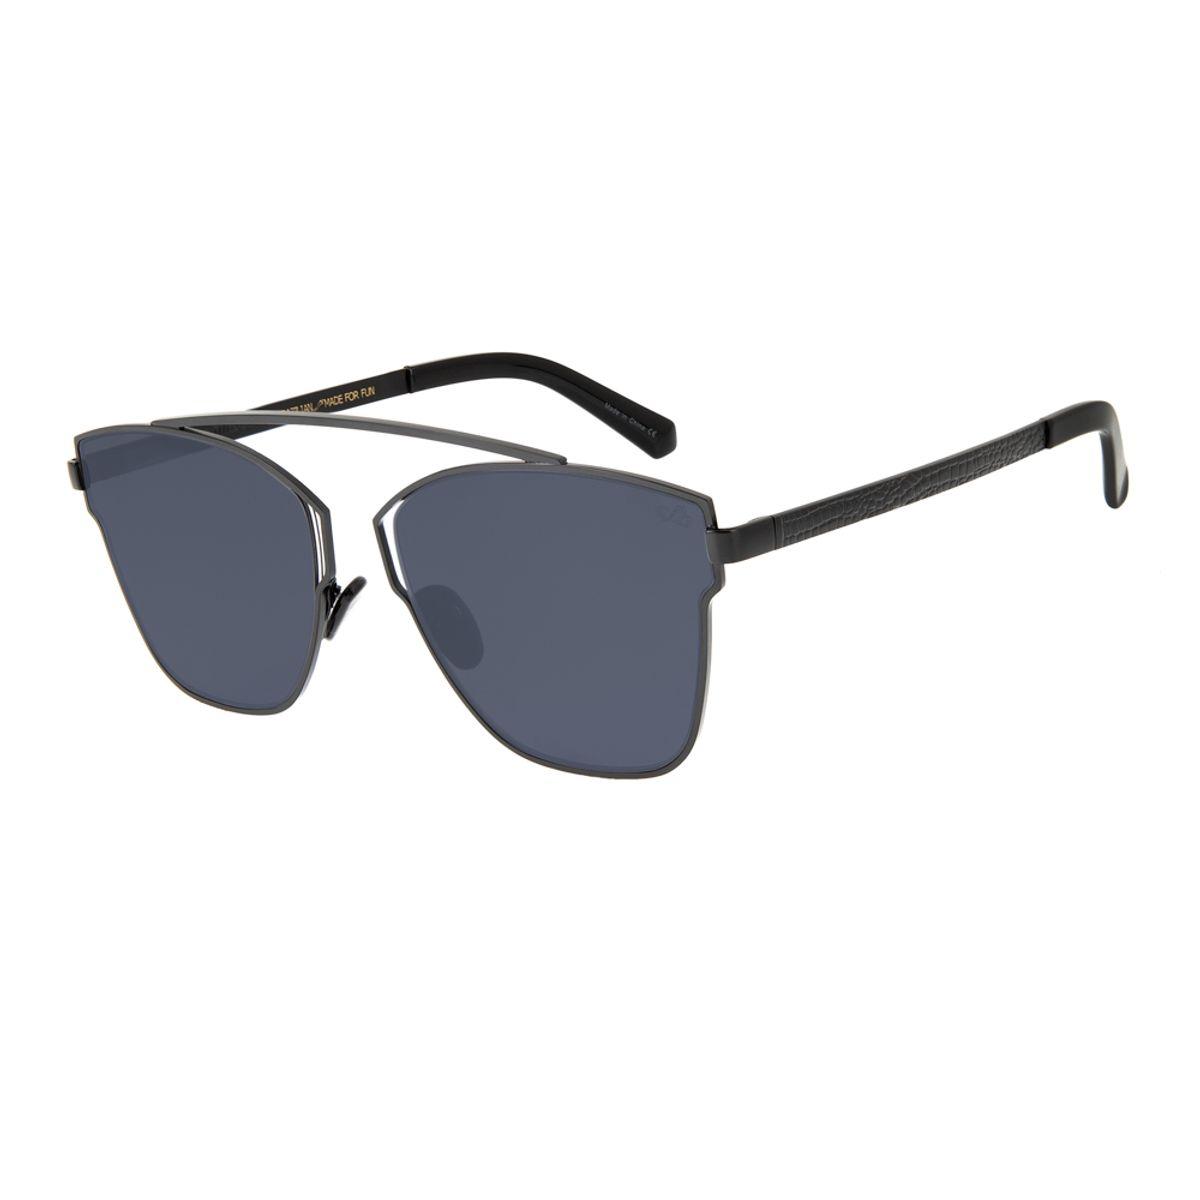 2dda8b399 ... oculos de sol redondo feminino chilli beans blk metal preto 2634 0101;  OC.MT.2634-0101.1. Por: R$ 249,98ou 4x de R$ 62,49